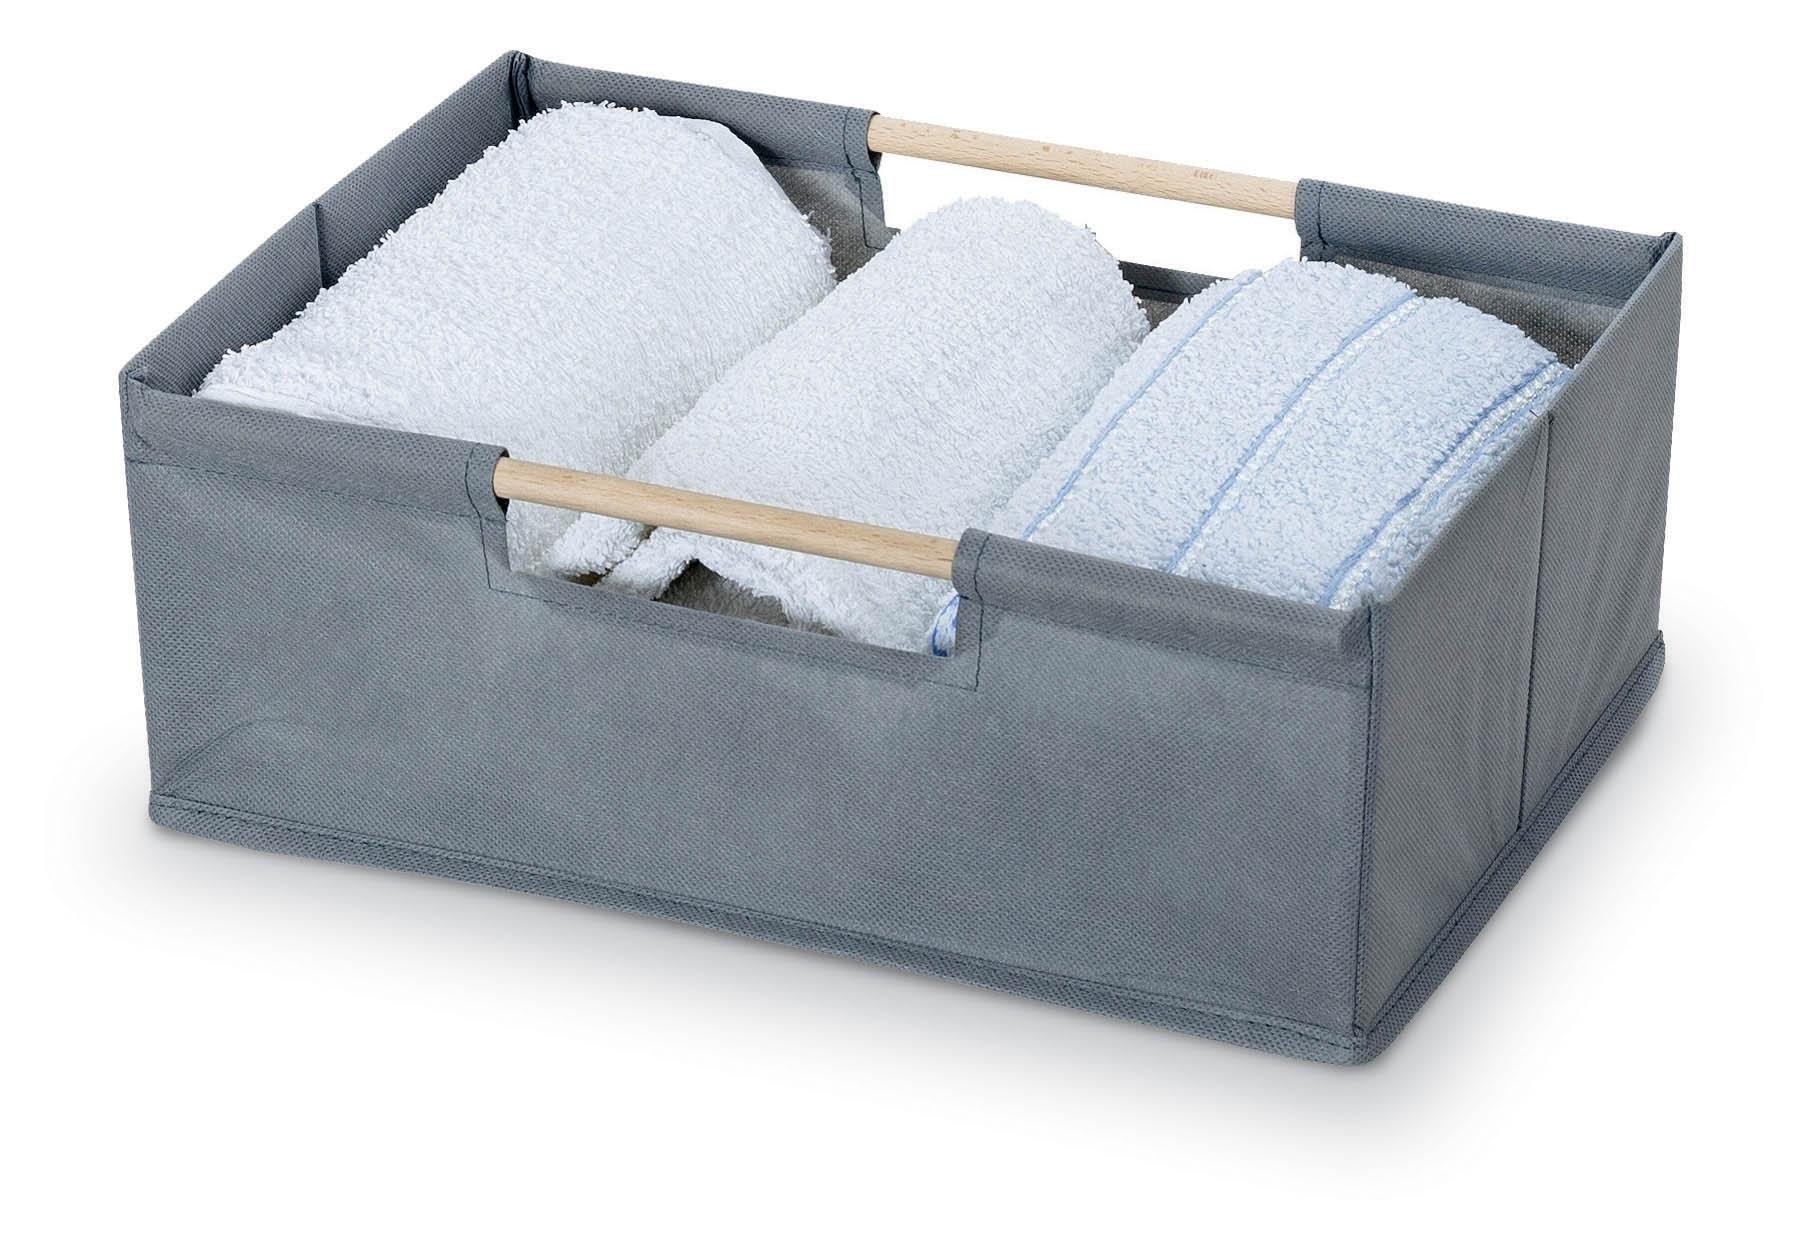 Cutie pentru depozitare din carton si lemn, Cesto Gri / Maro, Modele Asortate, L34xl24xH13 cm imagine